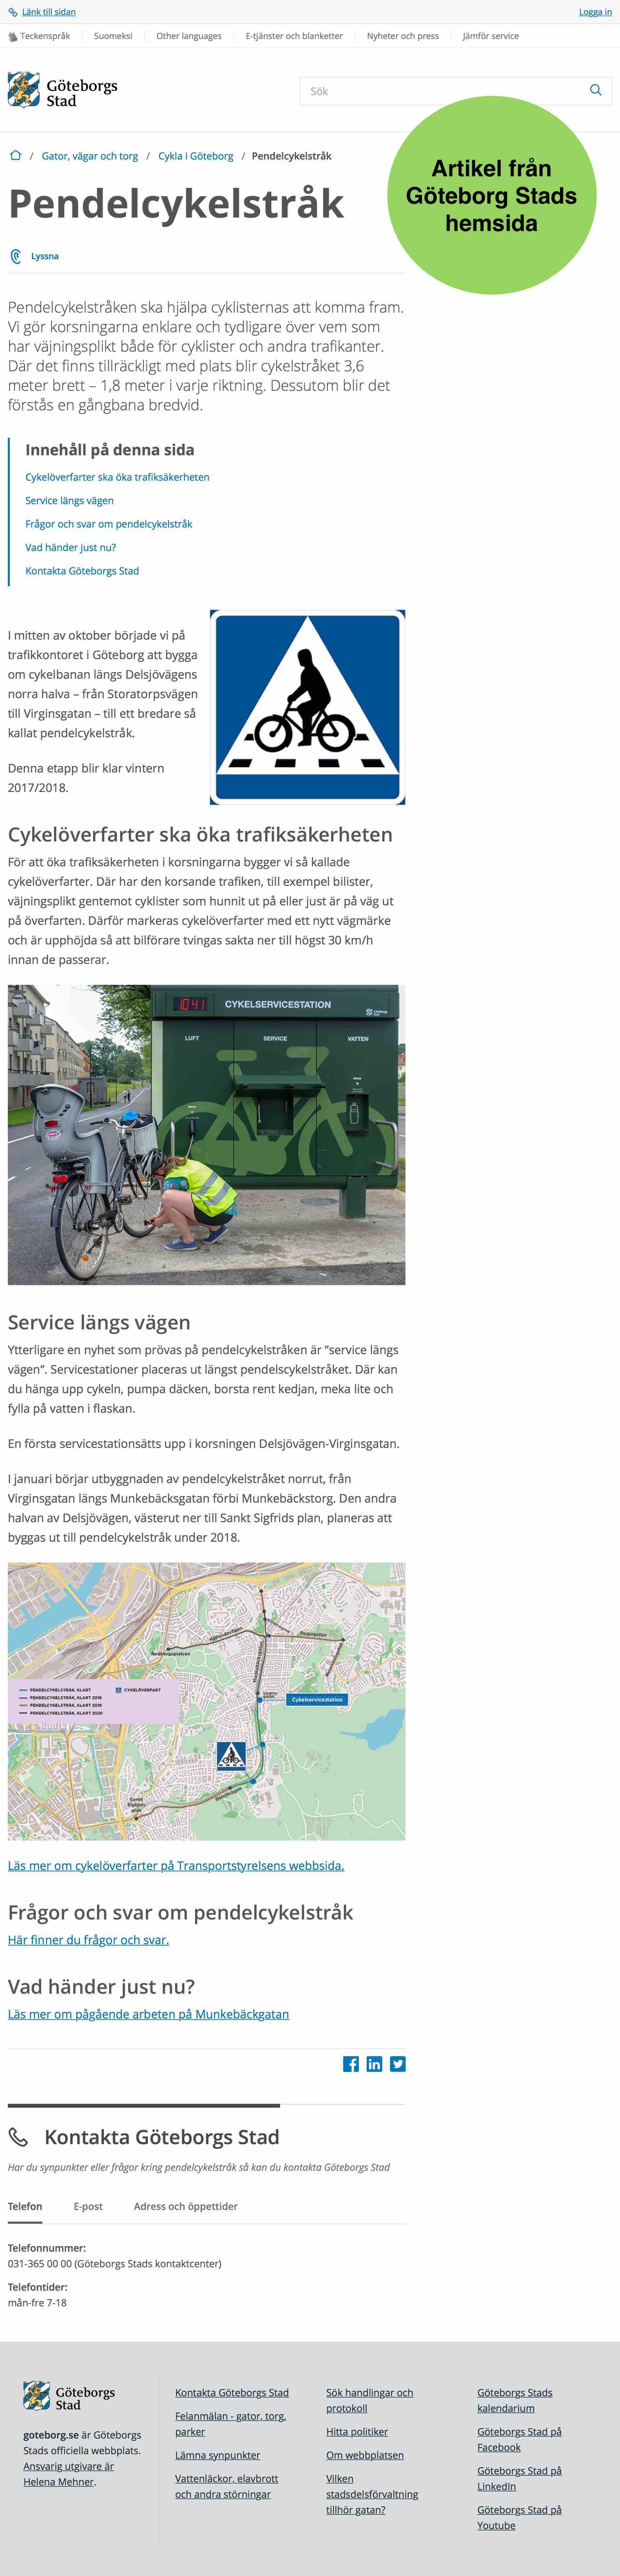 """Artikel om Göteborgs nya servicestation för cyklar som de kallar """"Service längs vägen"""""""